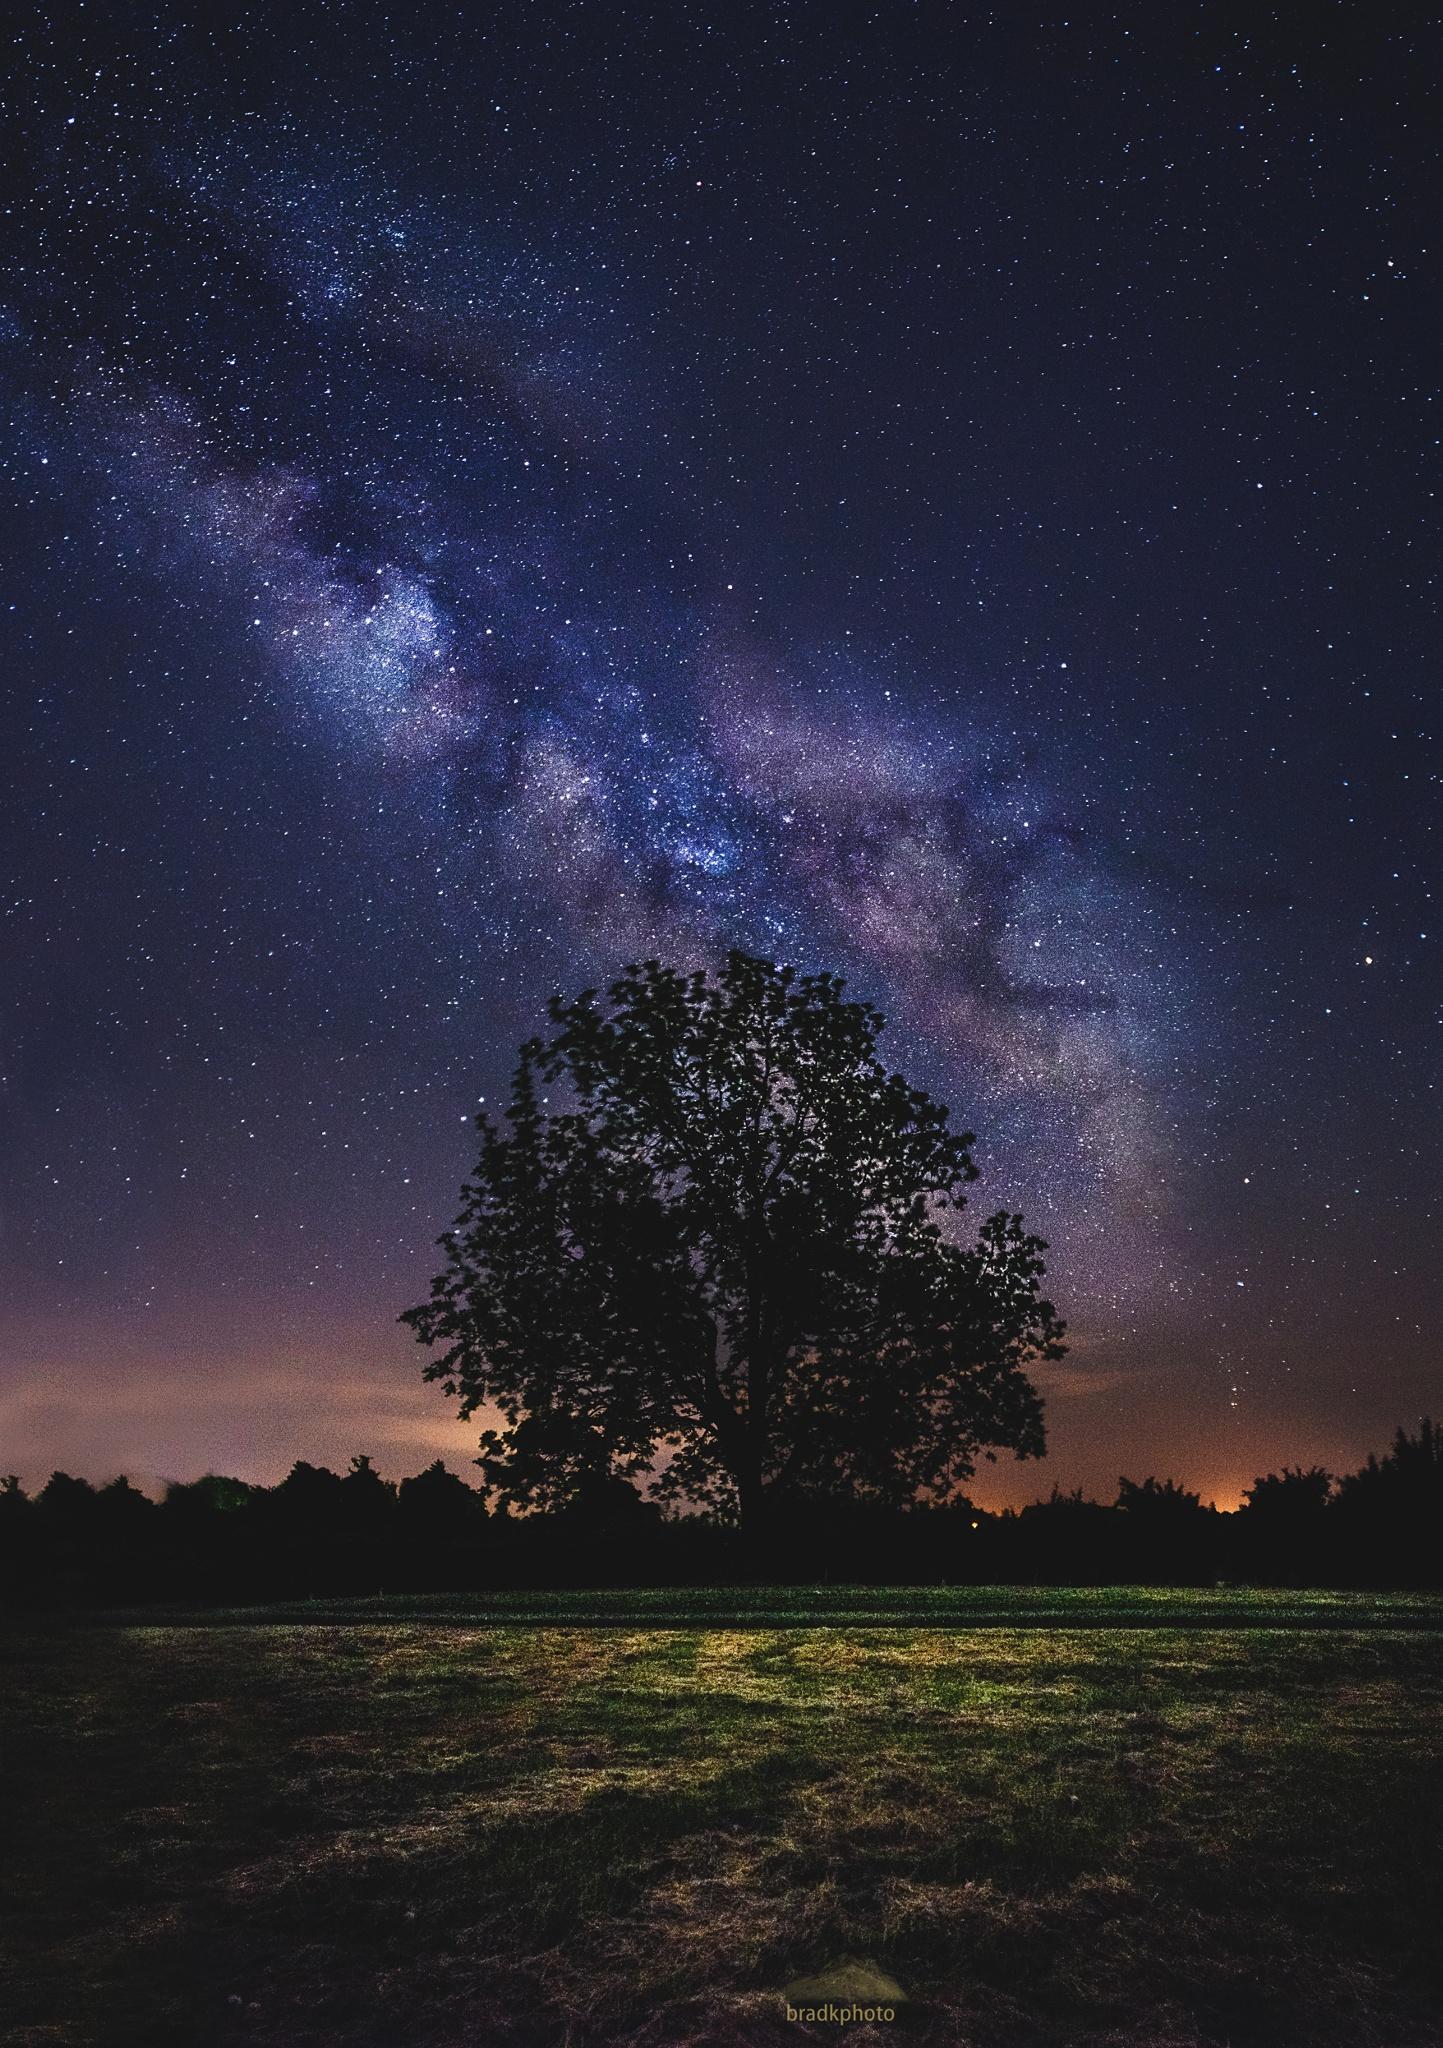 размера картинки ночное небо и деревья украсила девушка свой